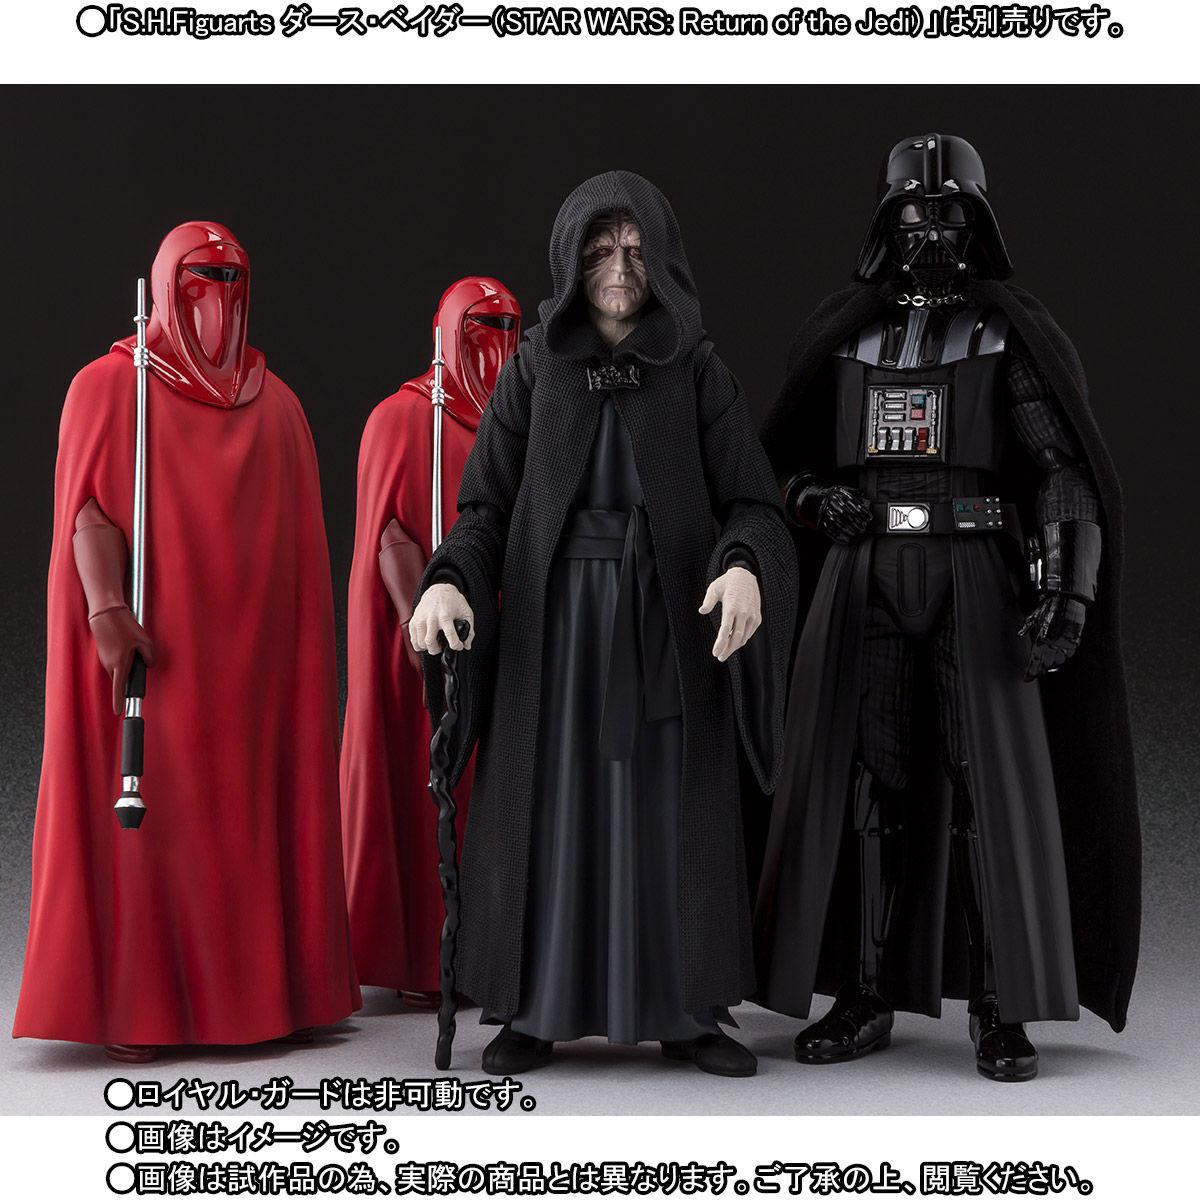 【限定販売】S.H.Figuarts『パルパティーン皇帝 -Death Star II Throne Room Set-(STAR WARS:Return of the Jedi)』可動フィギュア-008